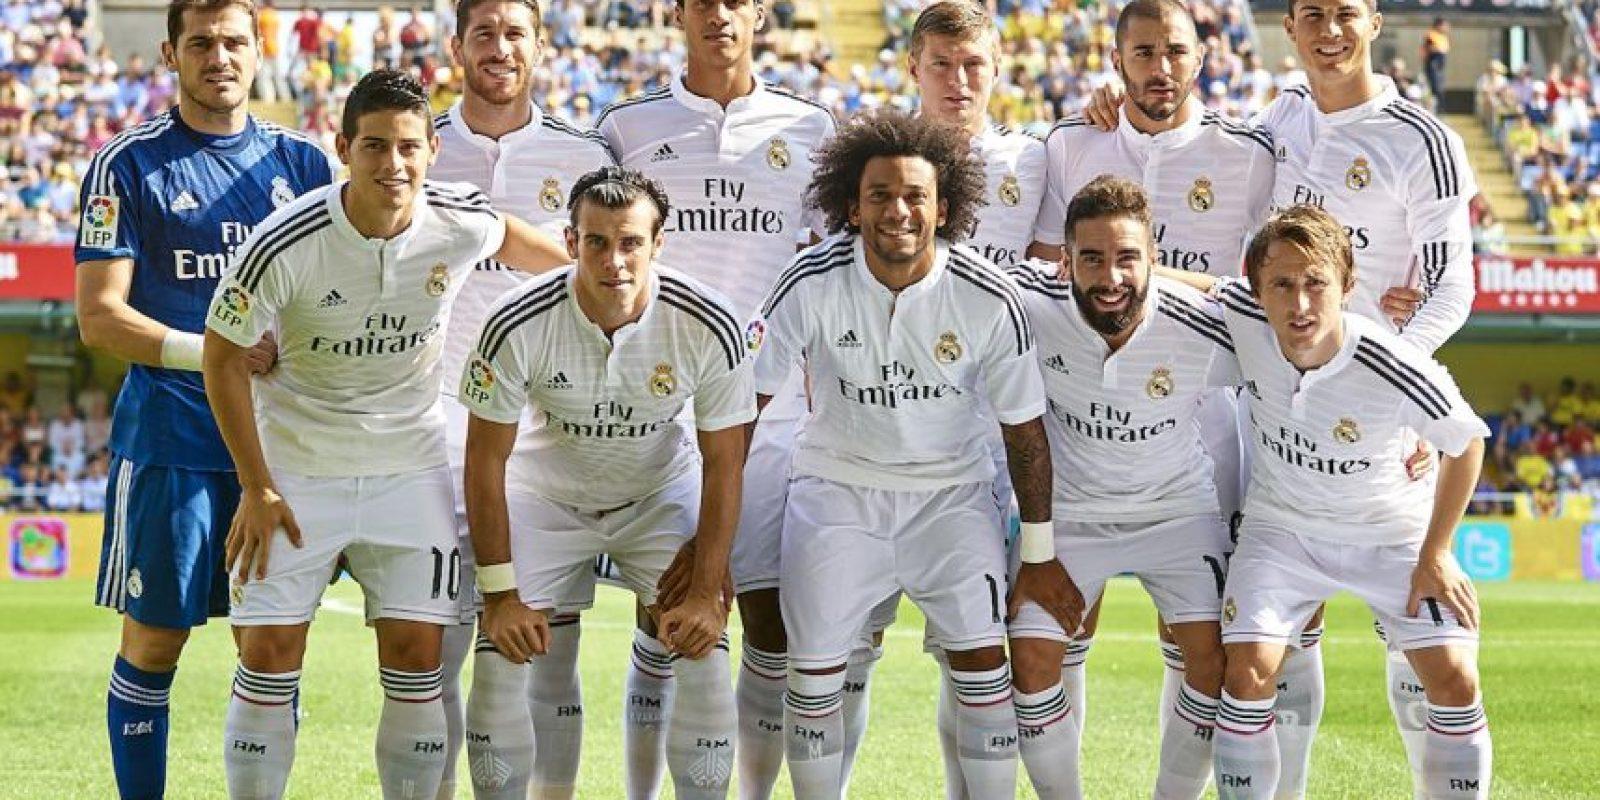 De menor a mayor, estos son los sueldos de los futbolistas del Real Madrid. Foto:Getty Images